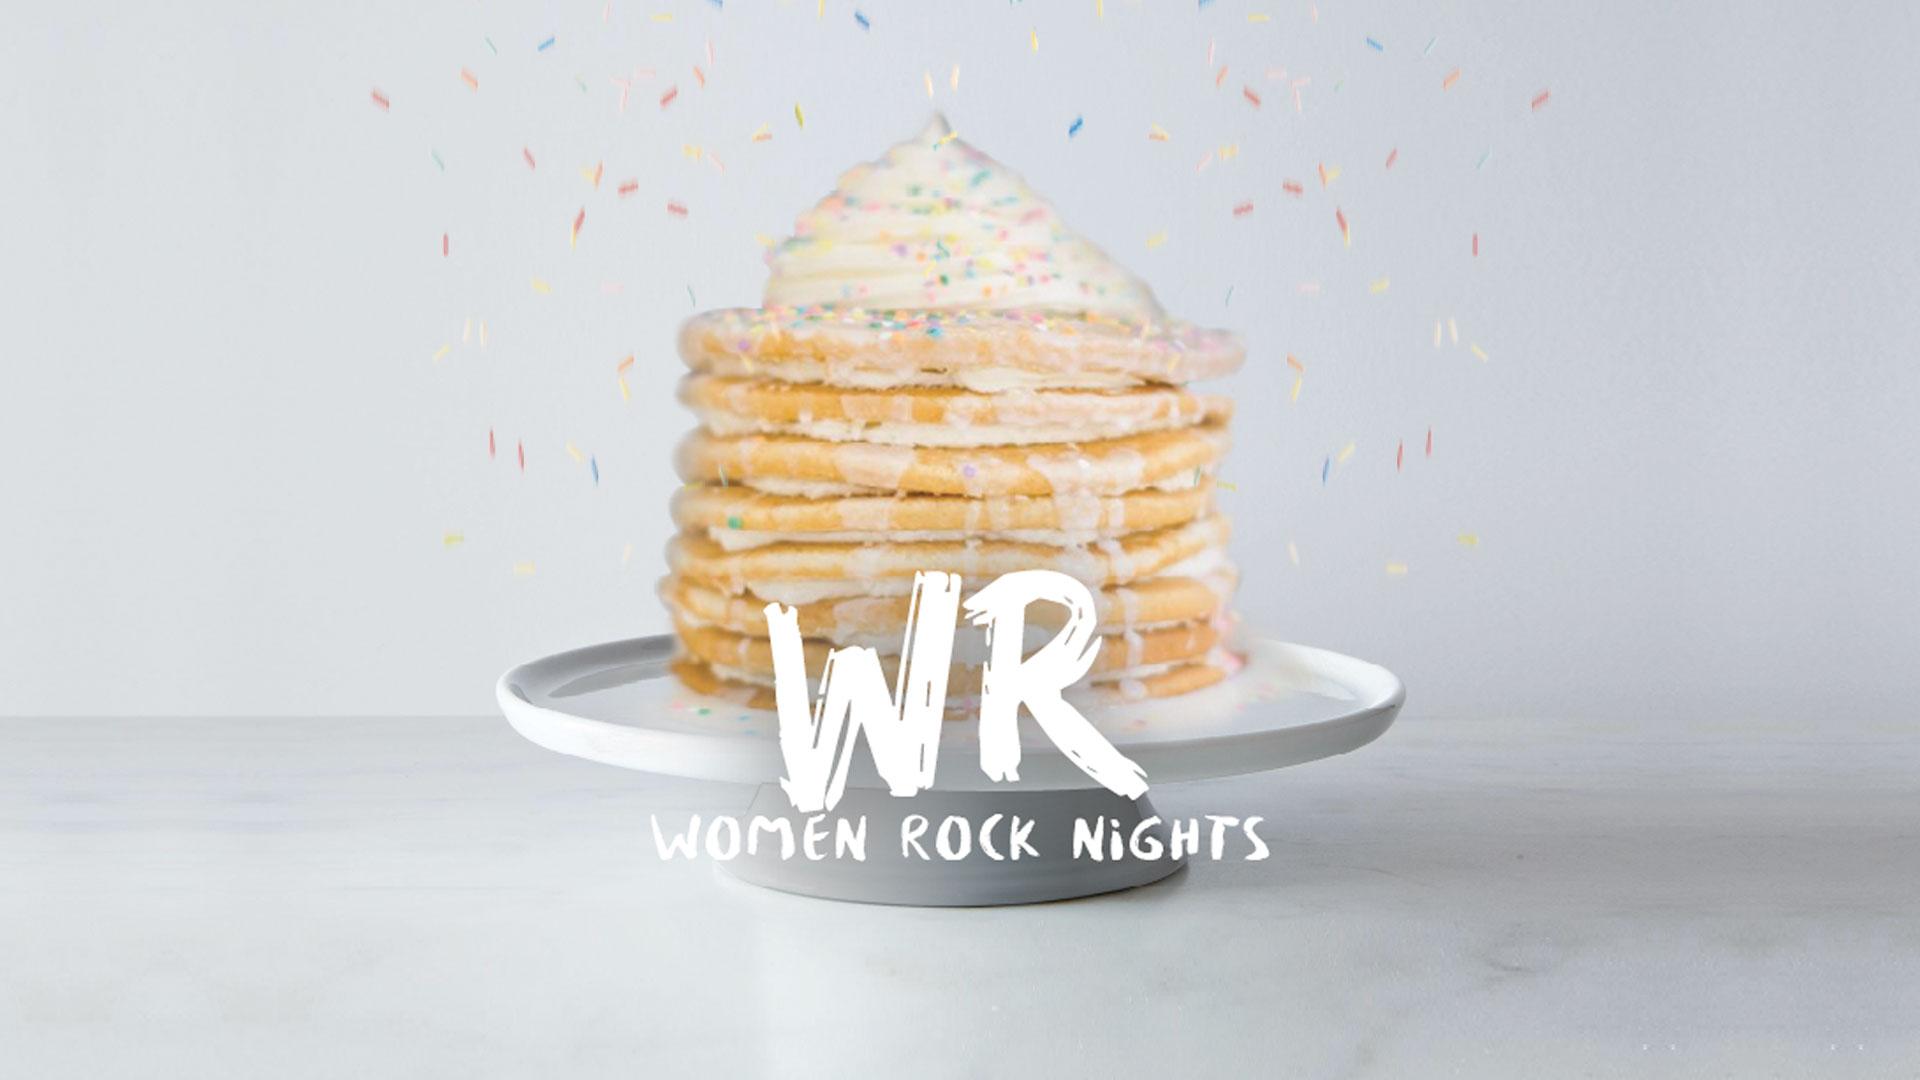 Women Rock Nights